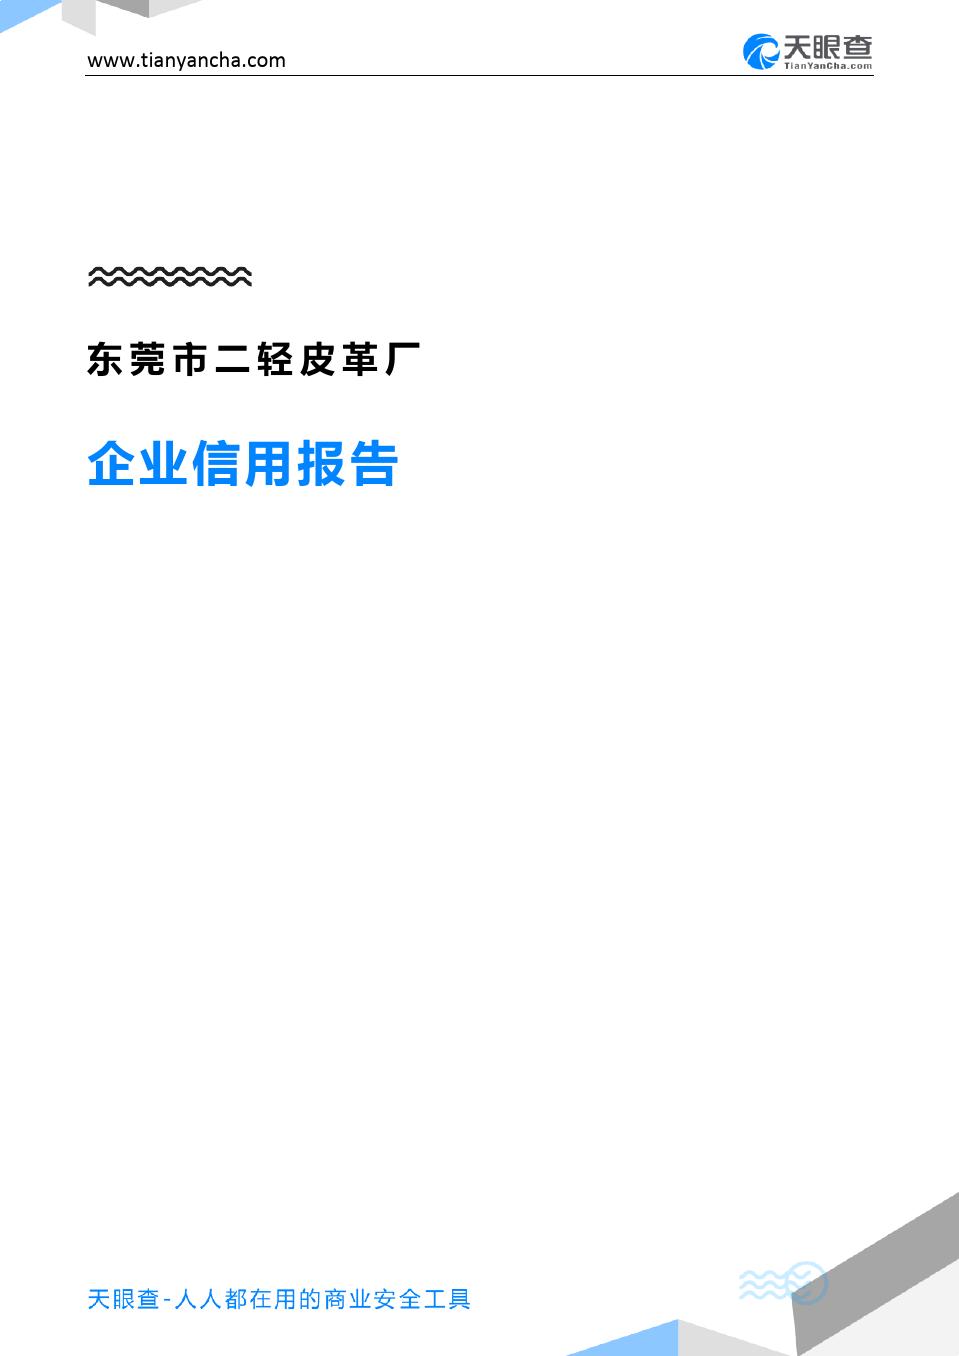 东莞市二轻皮革厂(企业信用报告)- 天眼查